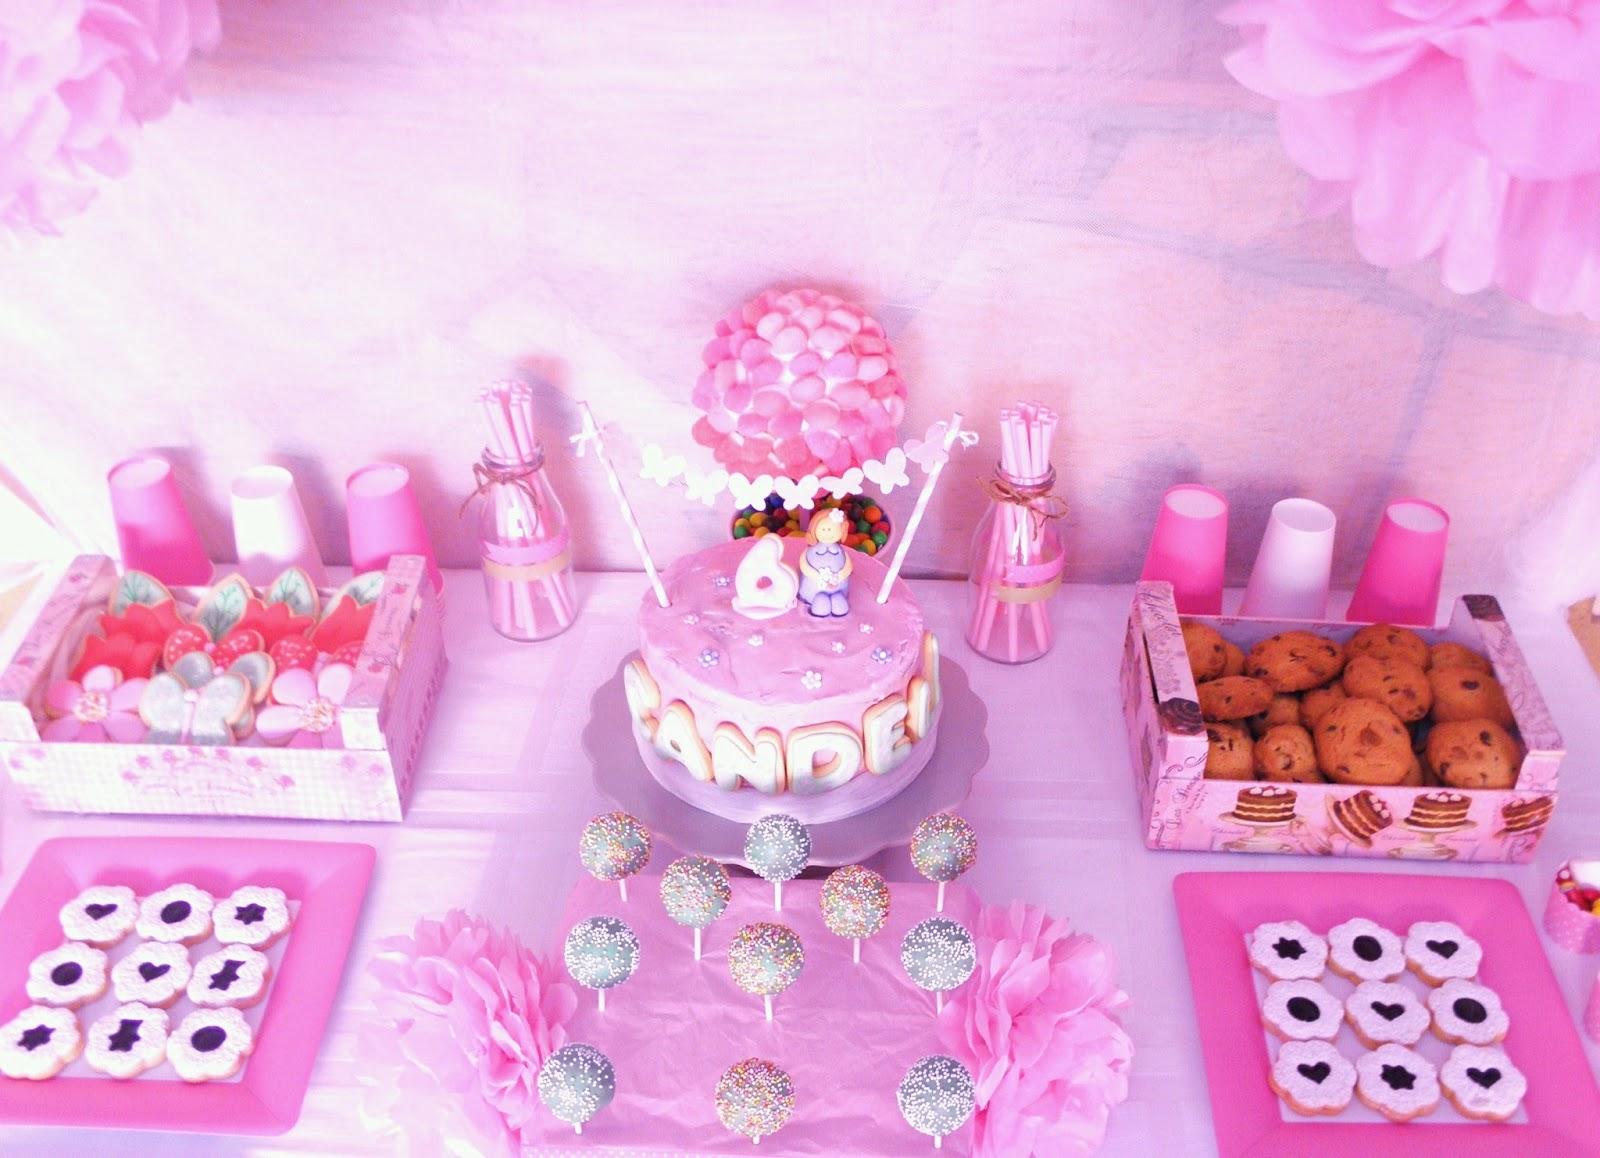 Cajitas de galletas mesa dulce para el cumplea os de mi for Mesas dulces cumpleanos